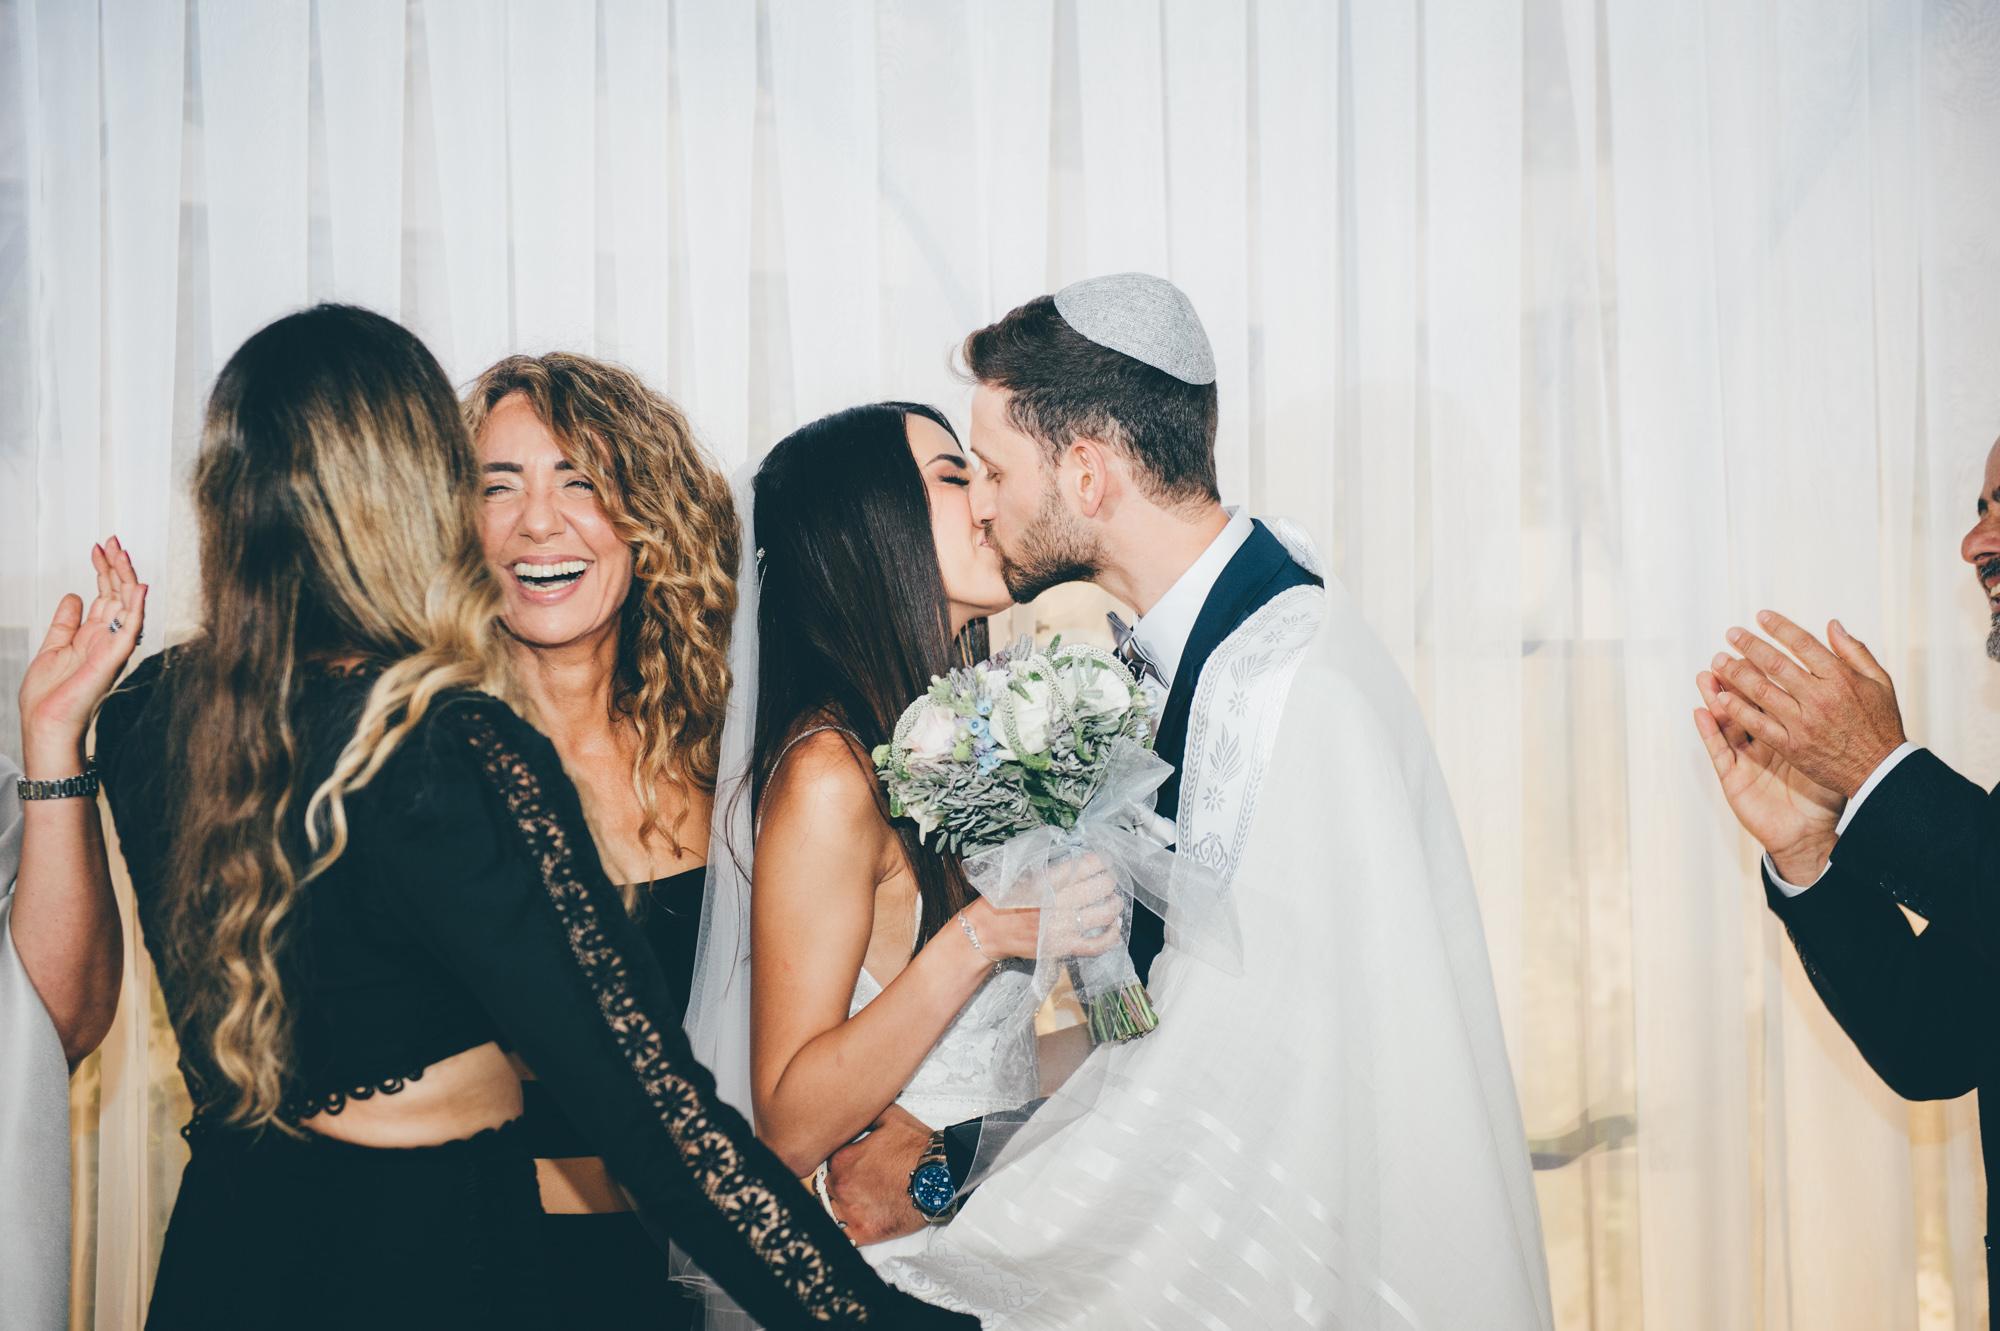 Wedding photos by - Asaf Kliger-83.jpg